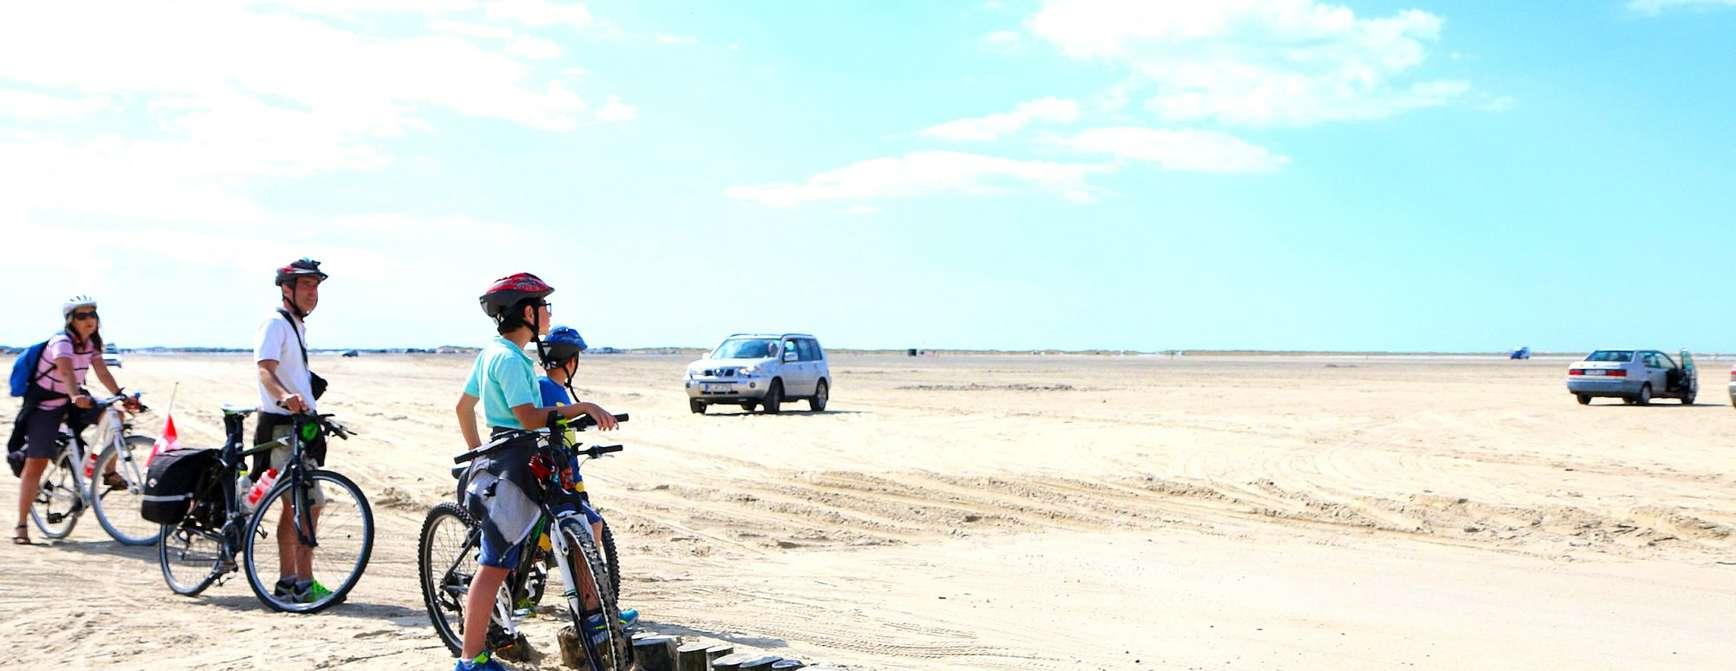 Langsstrakt strand med sykler, biler og folk